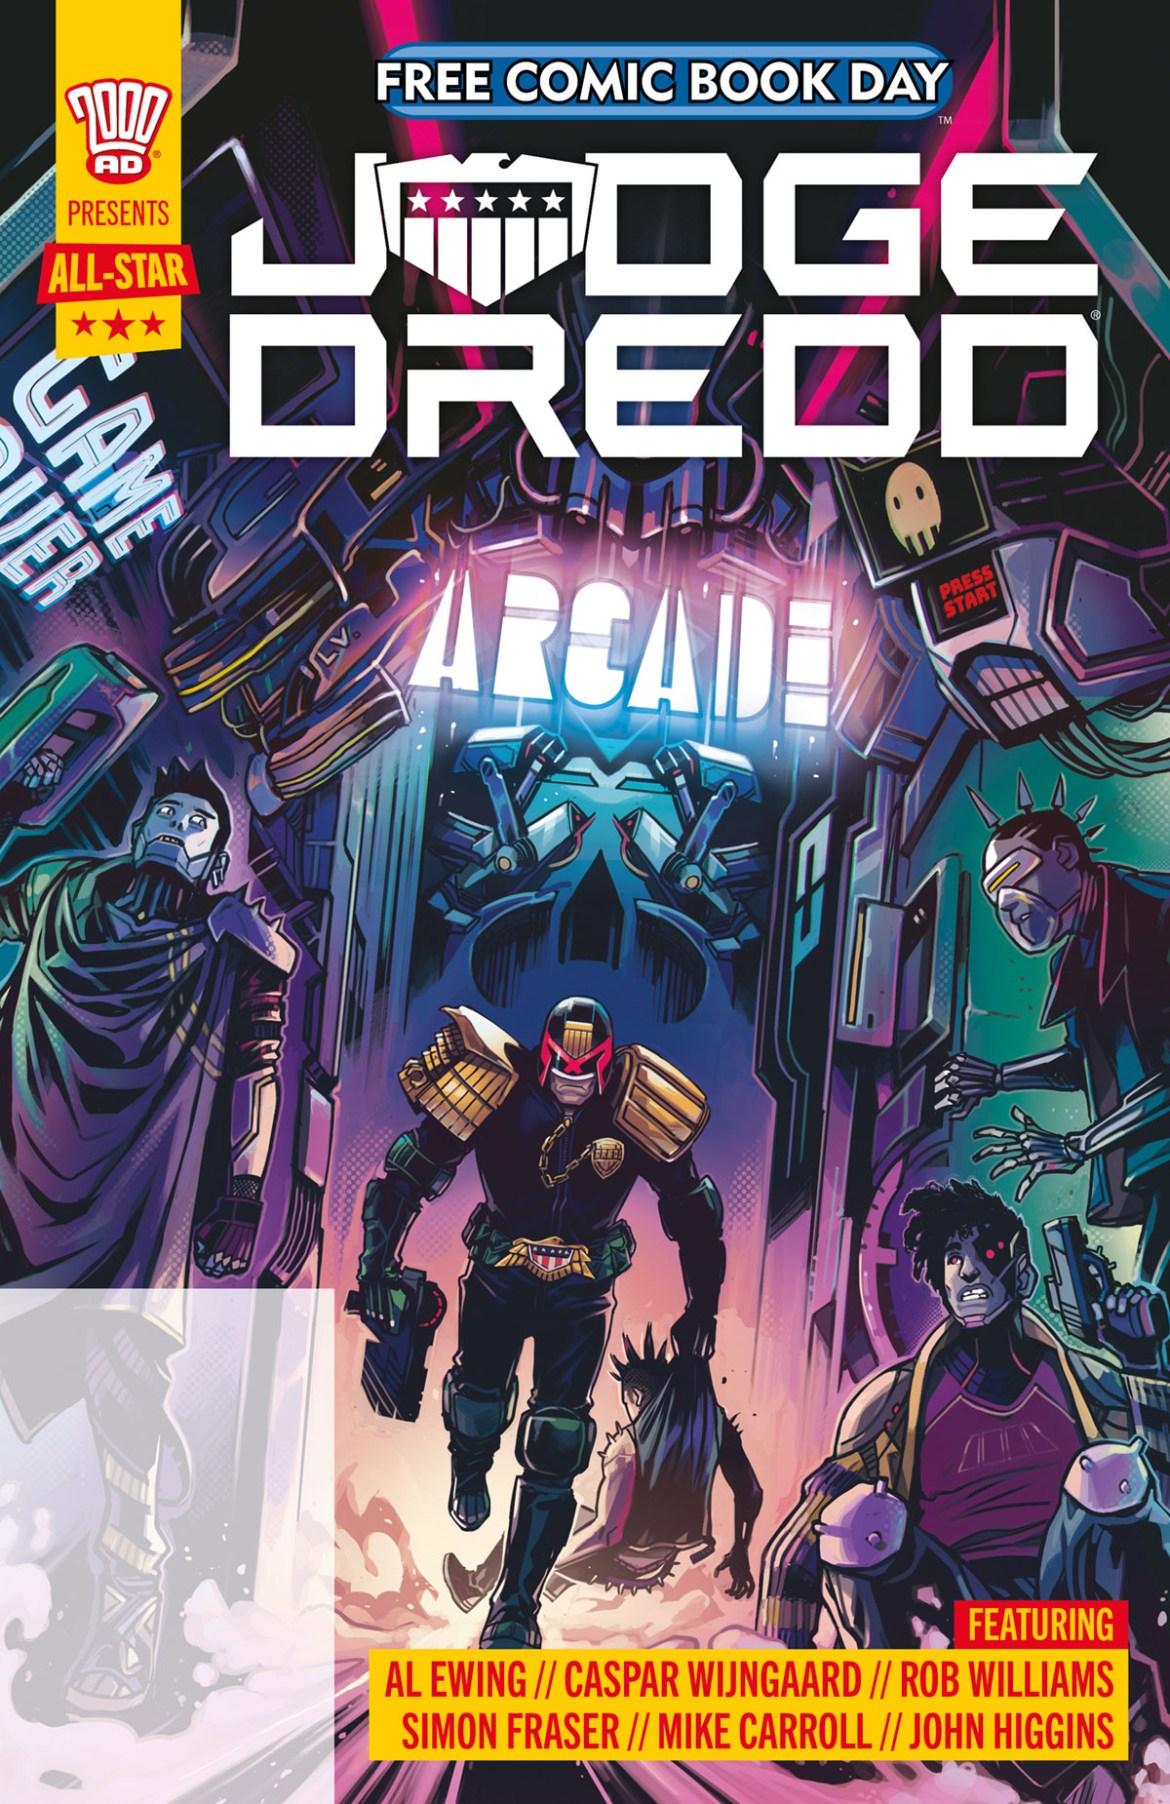 FCBD21_SILVER_Rebellion_All-Star-Judge-Dredd- Complete Free Comic Book Day 2021 comic book line-up announced